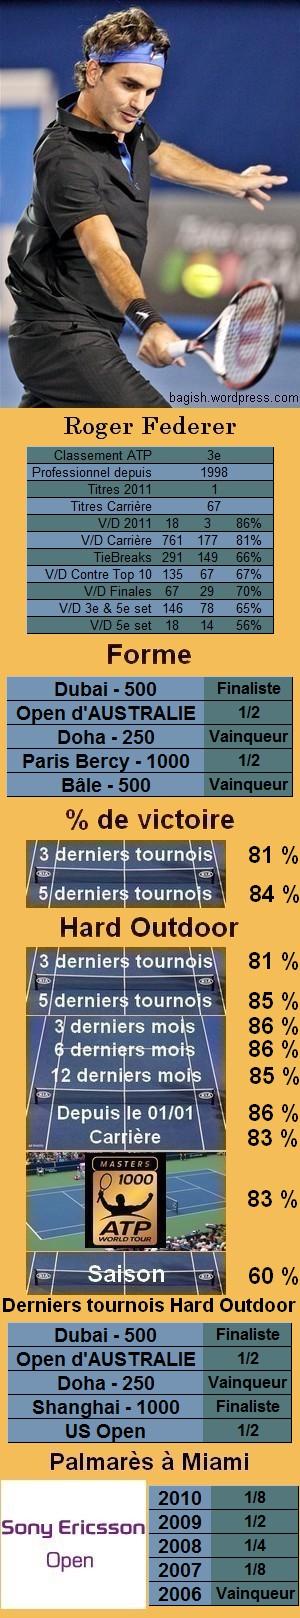 Les statistiques tennis de Roger Federer pour le tournoi de Miami